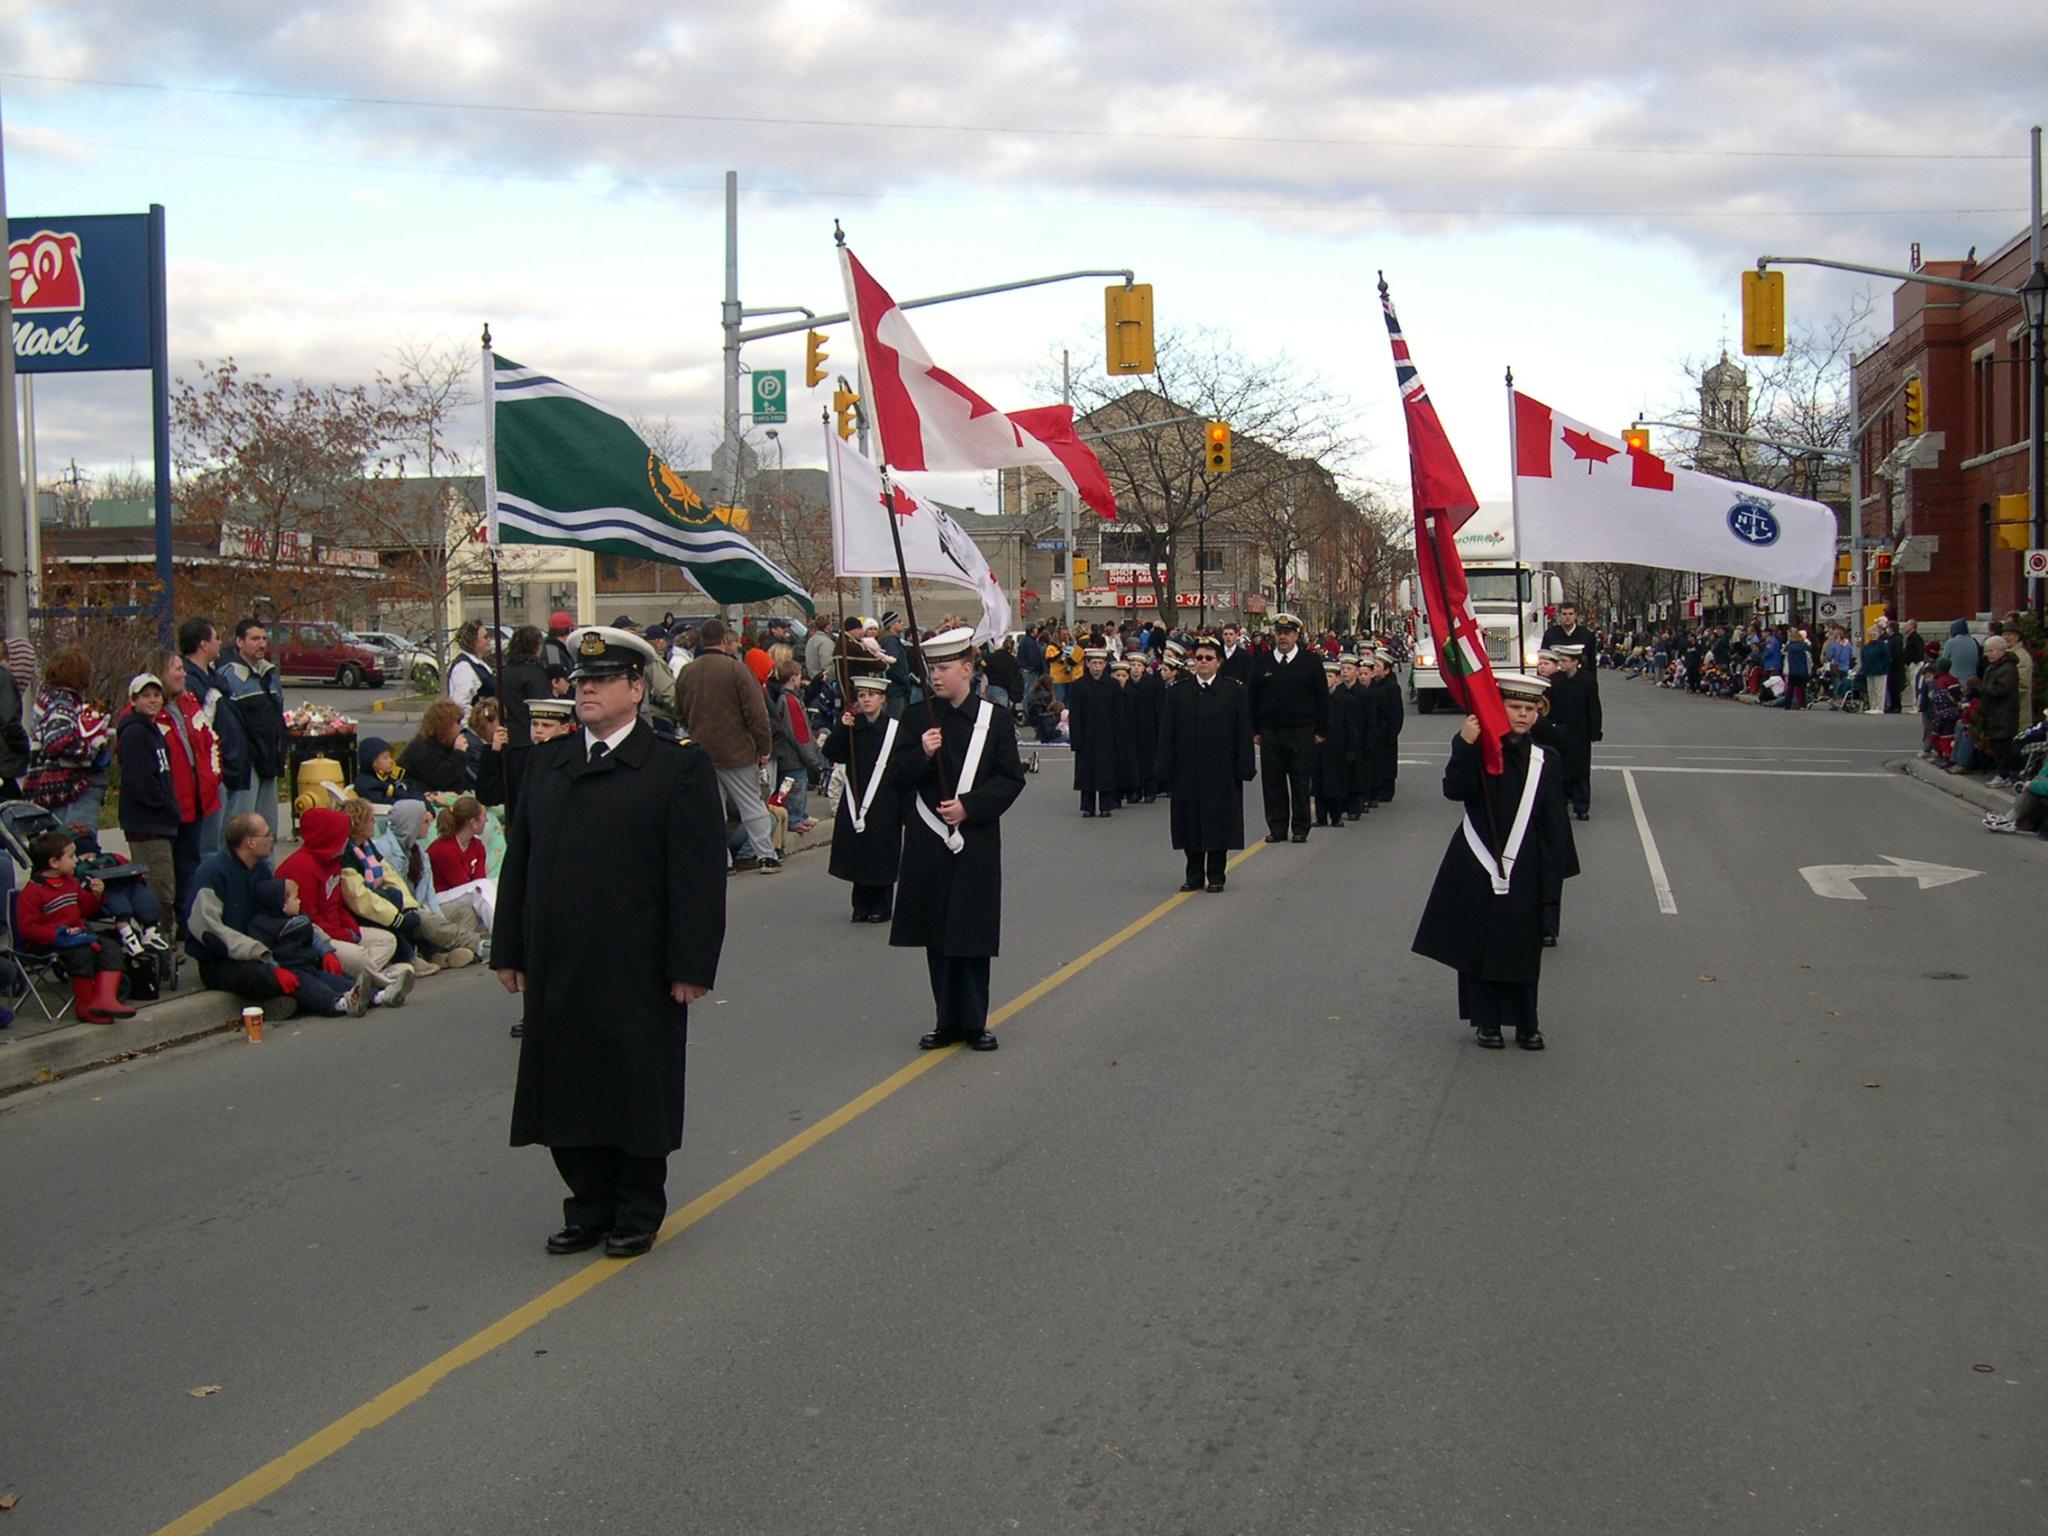 04-11-21 Cobourg Santa Claus Parade, Photo 13